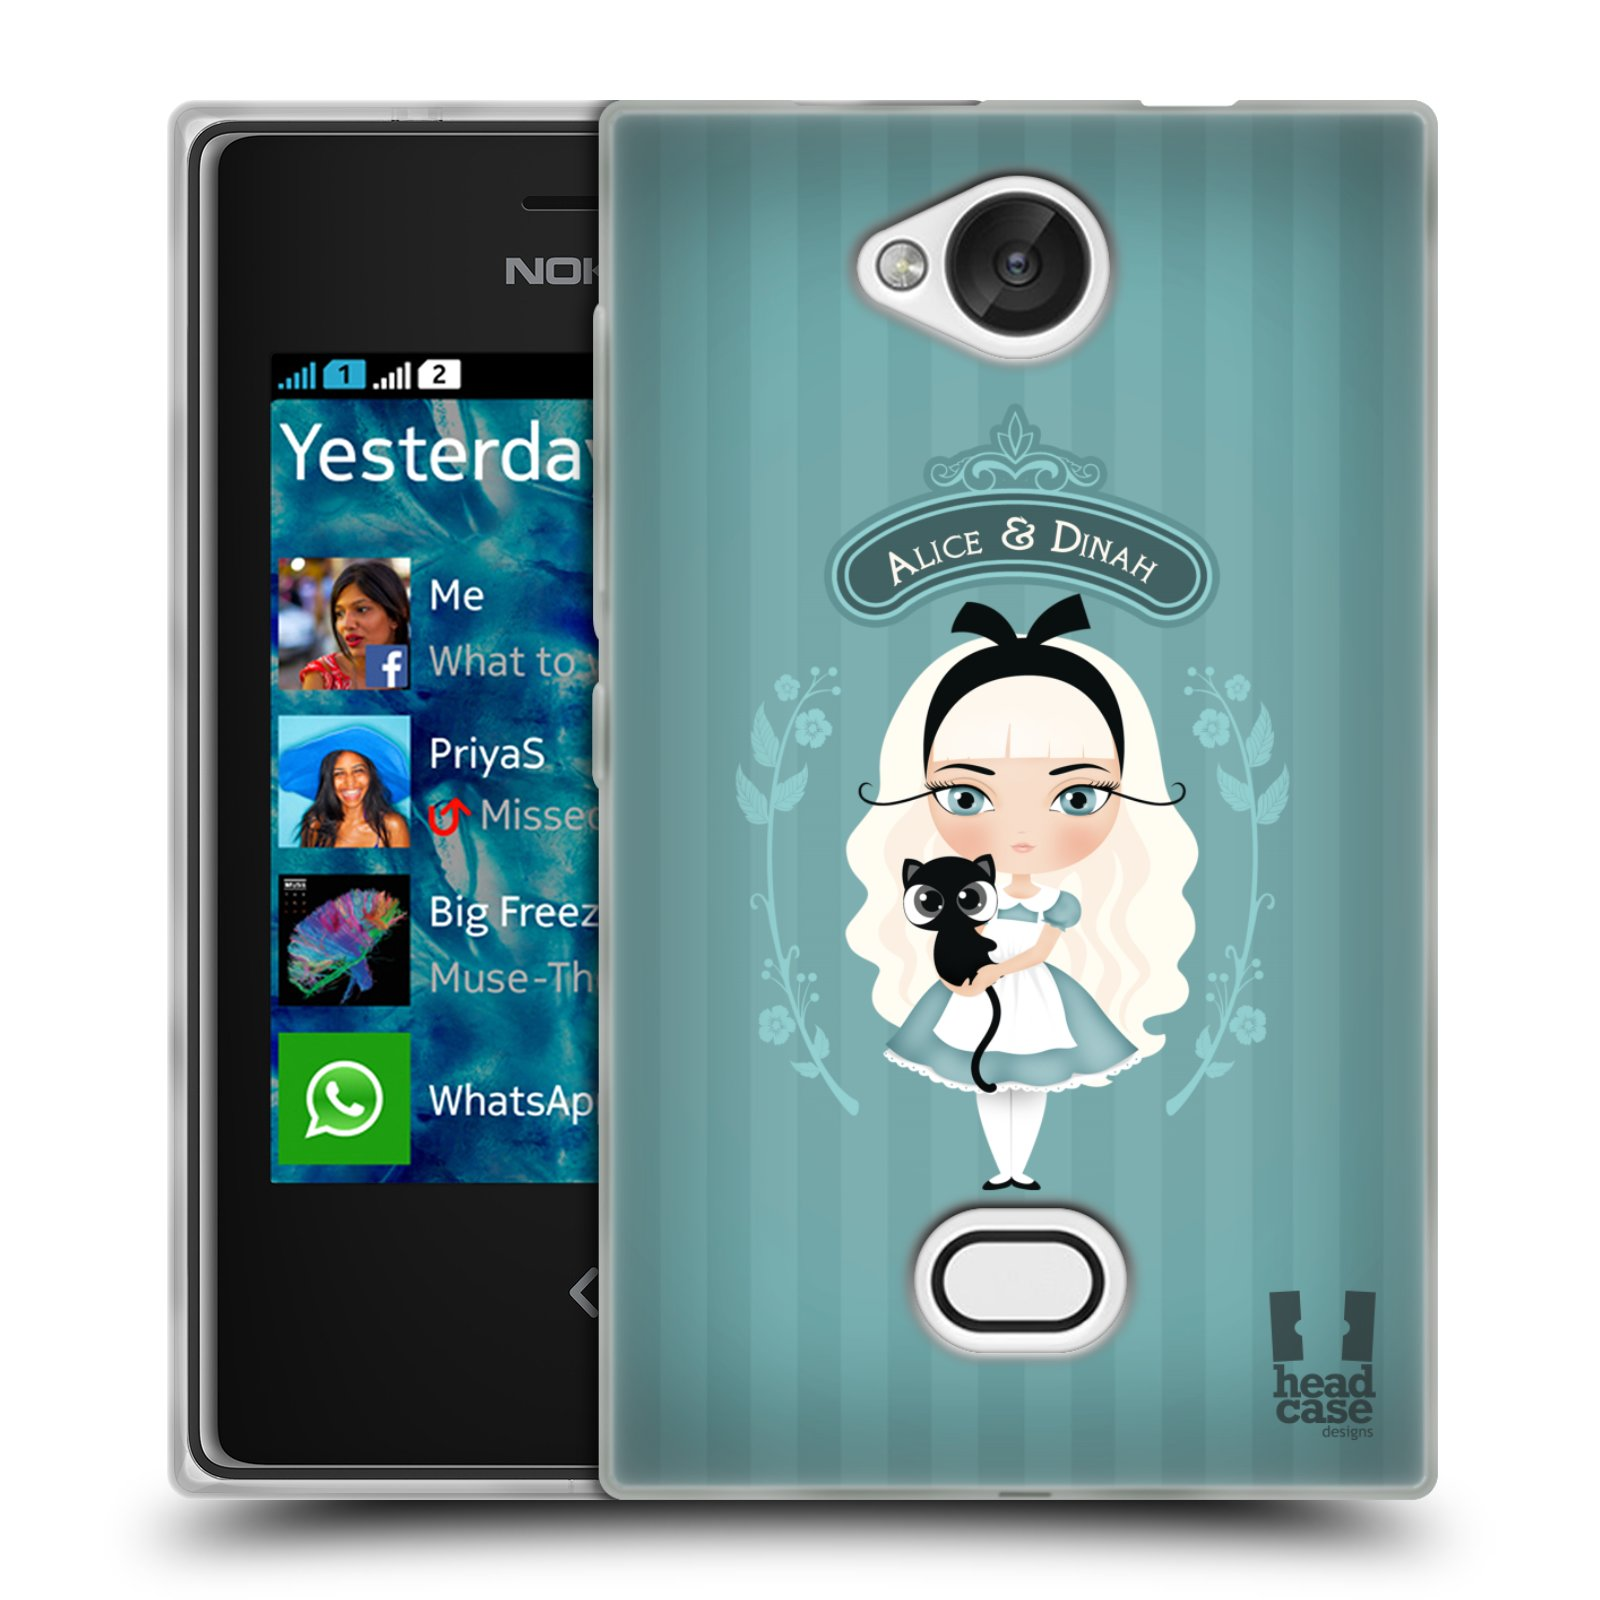 HEAD CASE silikonový obal na mobil NOKIA Asha 503 vzor Alenka v říši divů Alenka